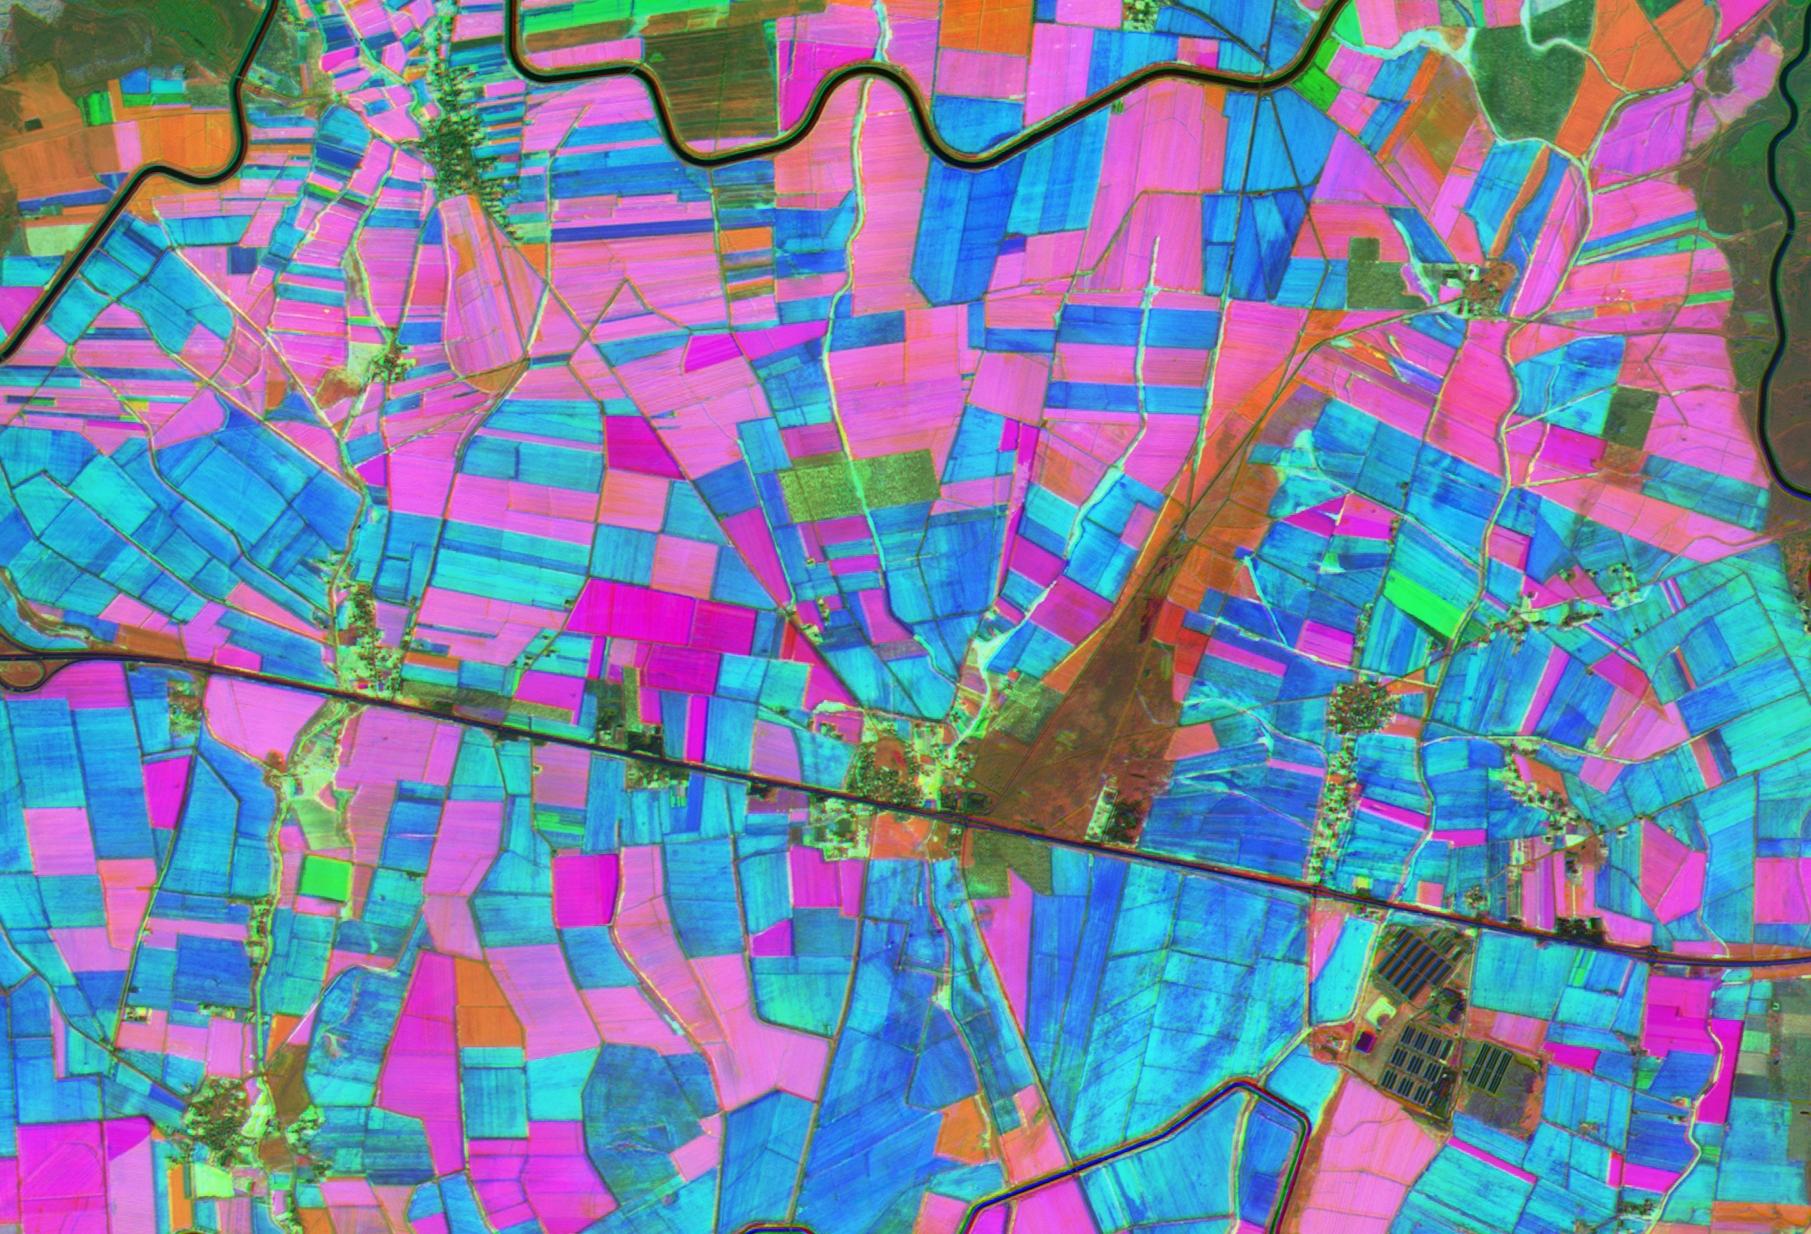 Tarımsal Alanların Göktürk-2 ile İzlenmesi